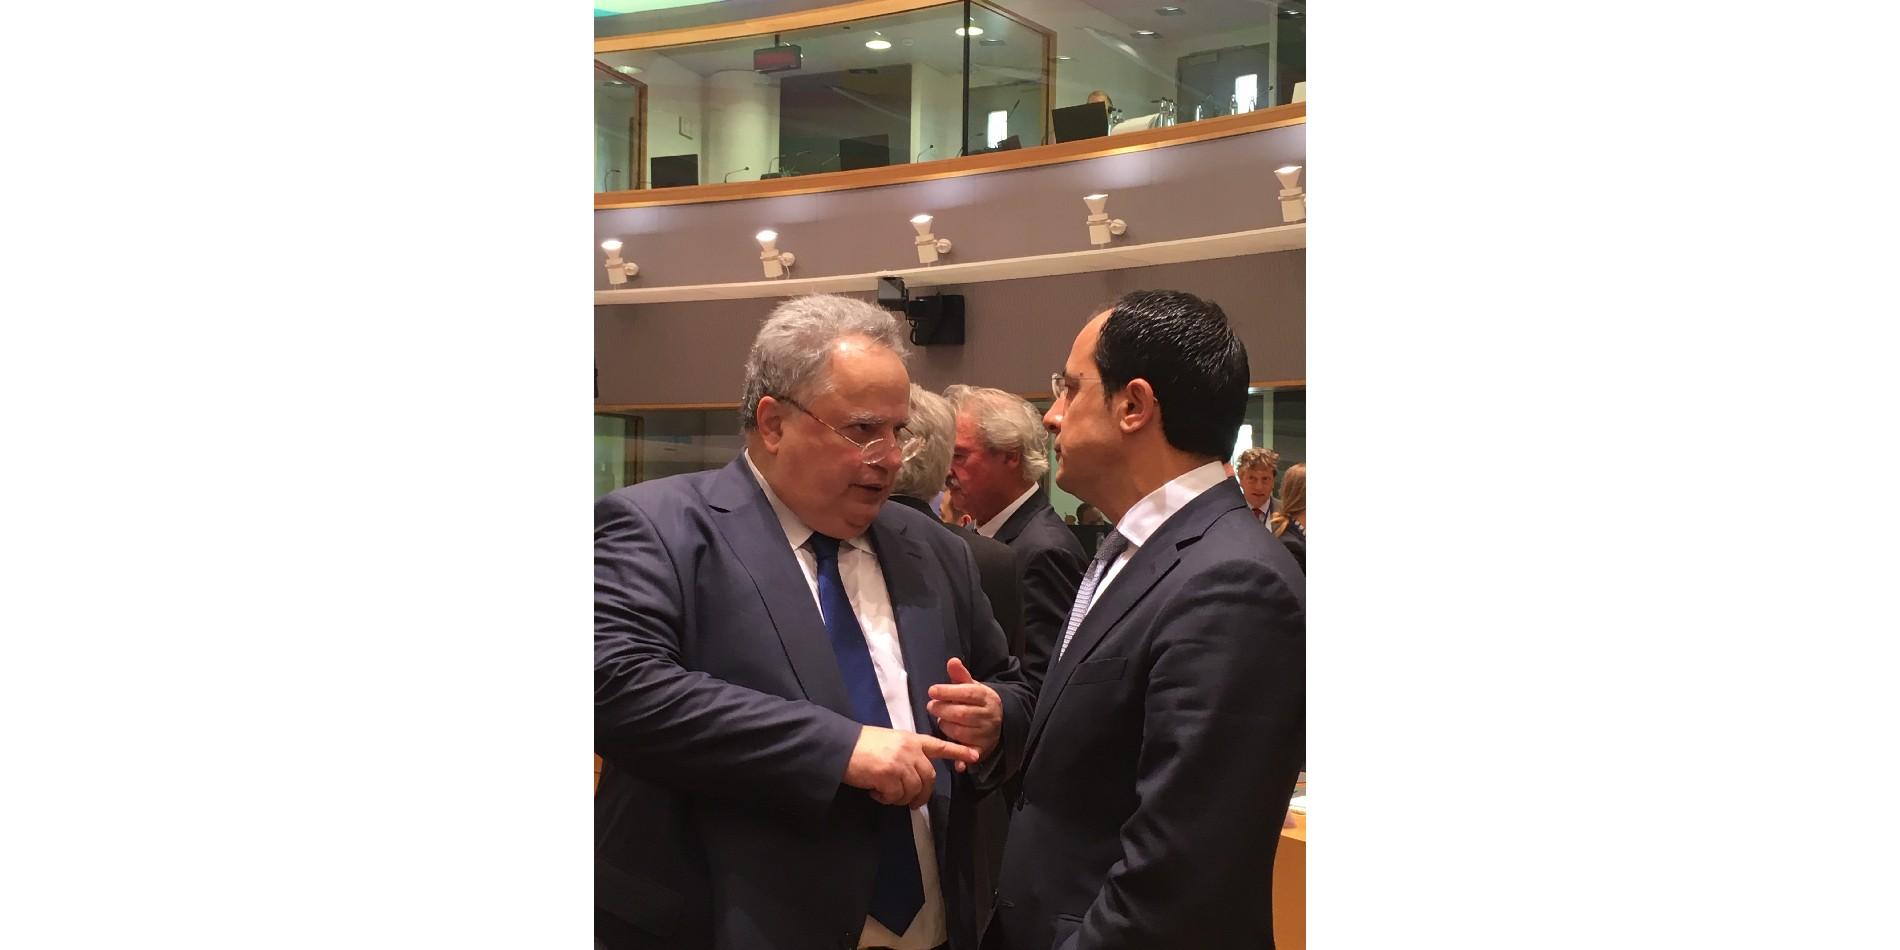 Ο Νίκος Χριστοδουλίδης συμμετείχε στο Συμβούλιο Εξωτερικών Υποθέσεων της ΕΕ